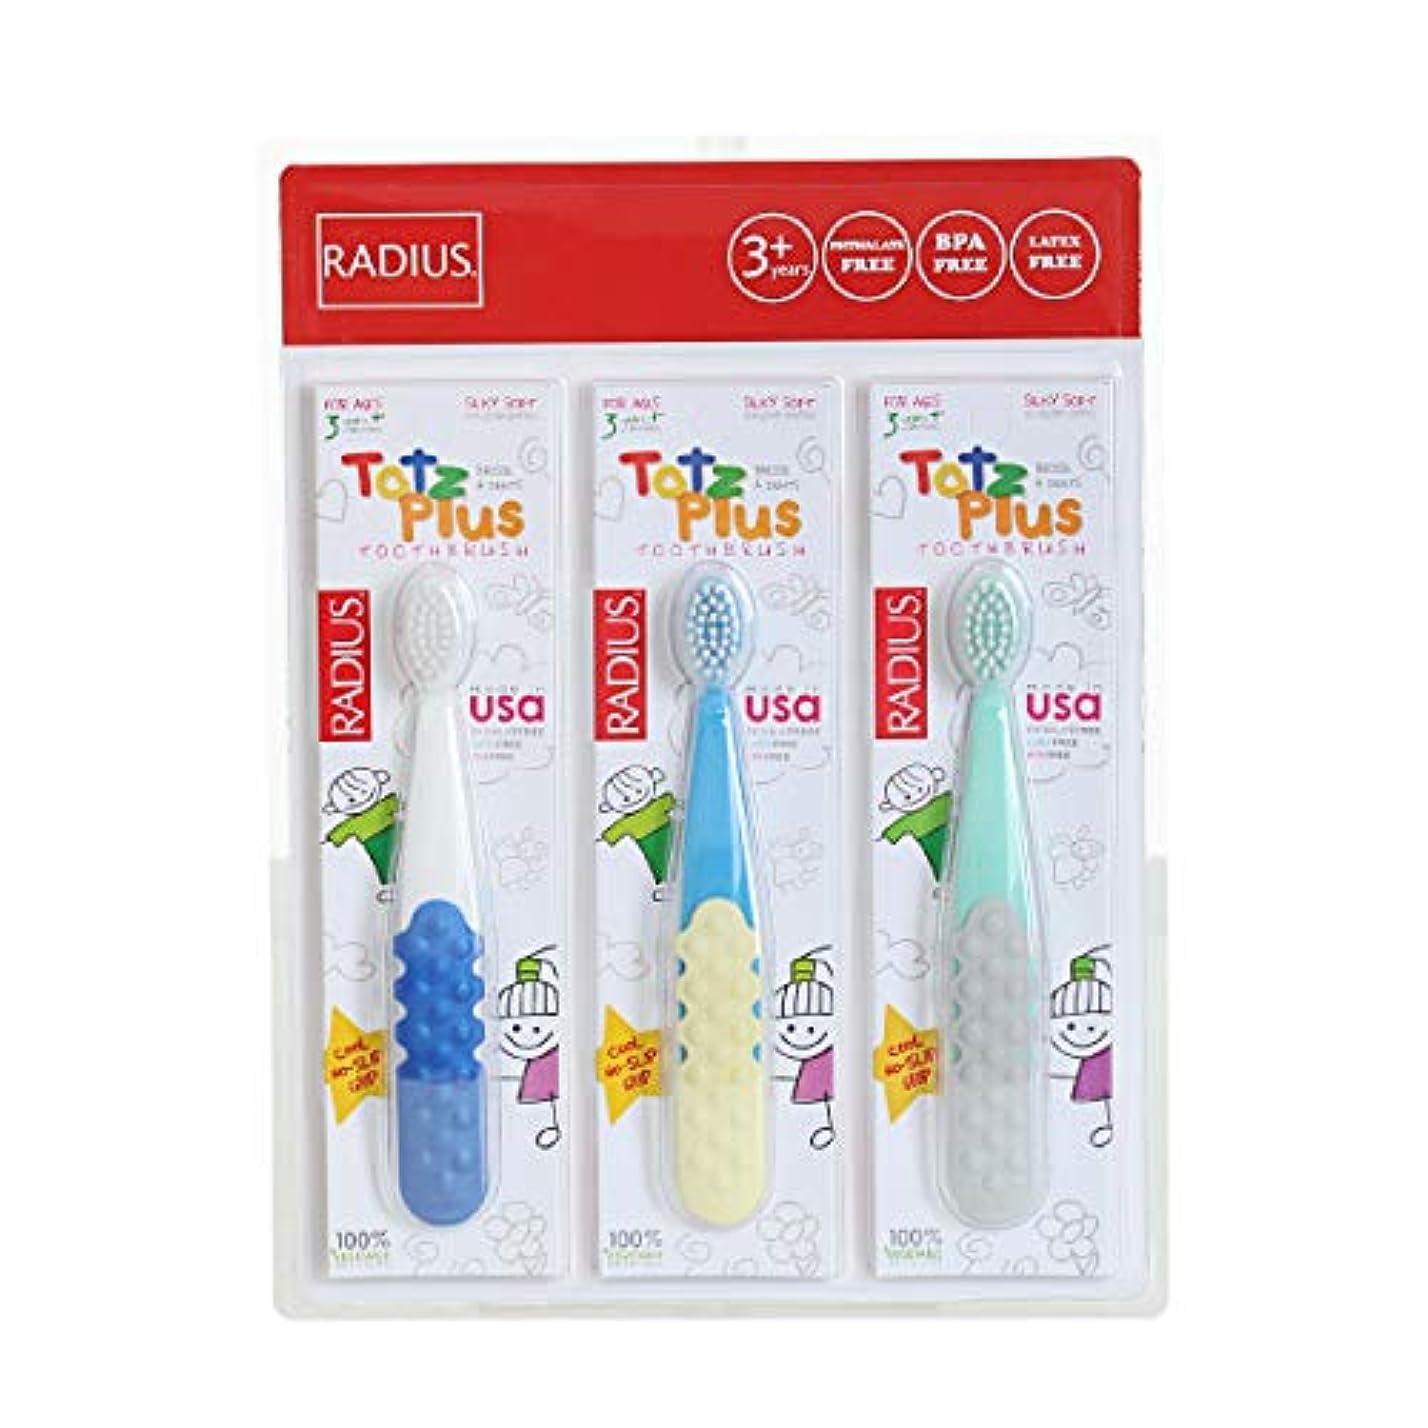 昼間適合するスーツラディウス Totz Plus Toothbrush 歯ブラシ, 3年+ シルキーソフト, 100% 野菜剛毛 3パック [並行輸入品]